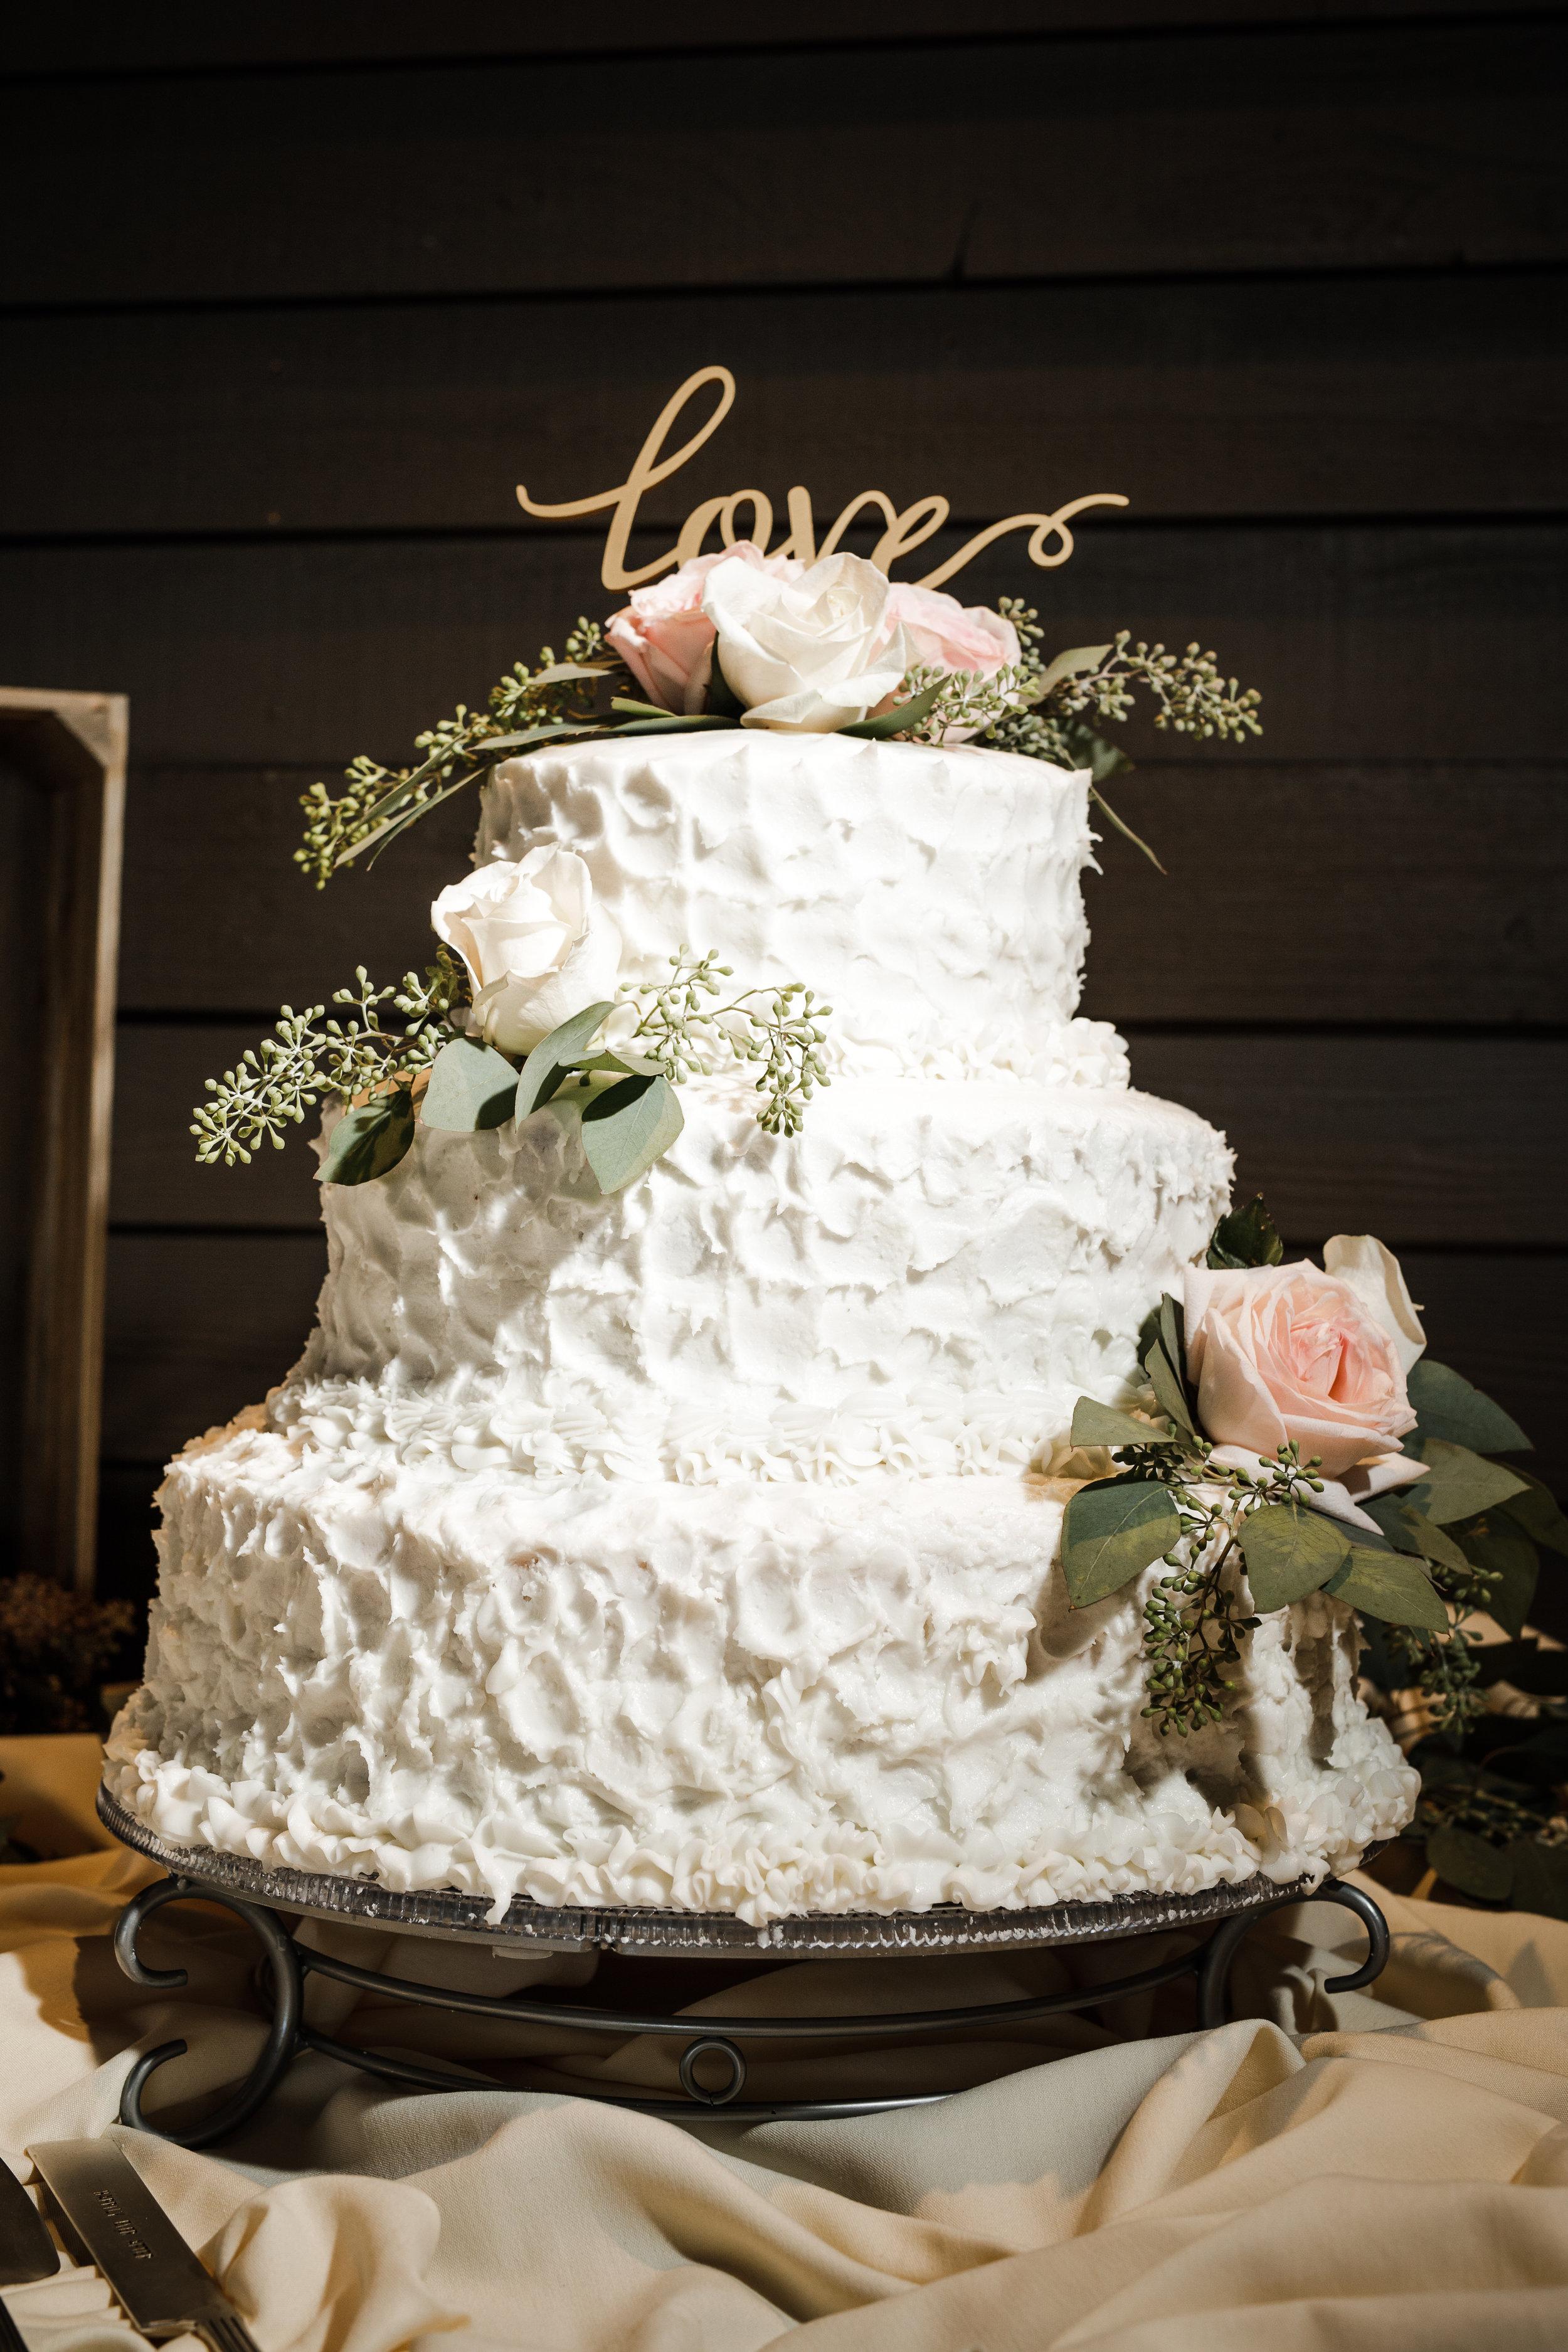 forest-highlands-wedding-cake.jpg